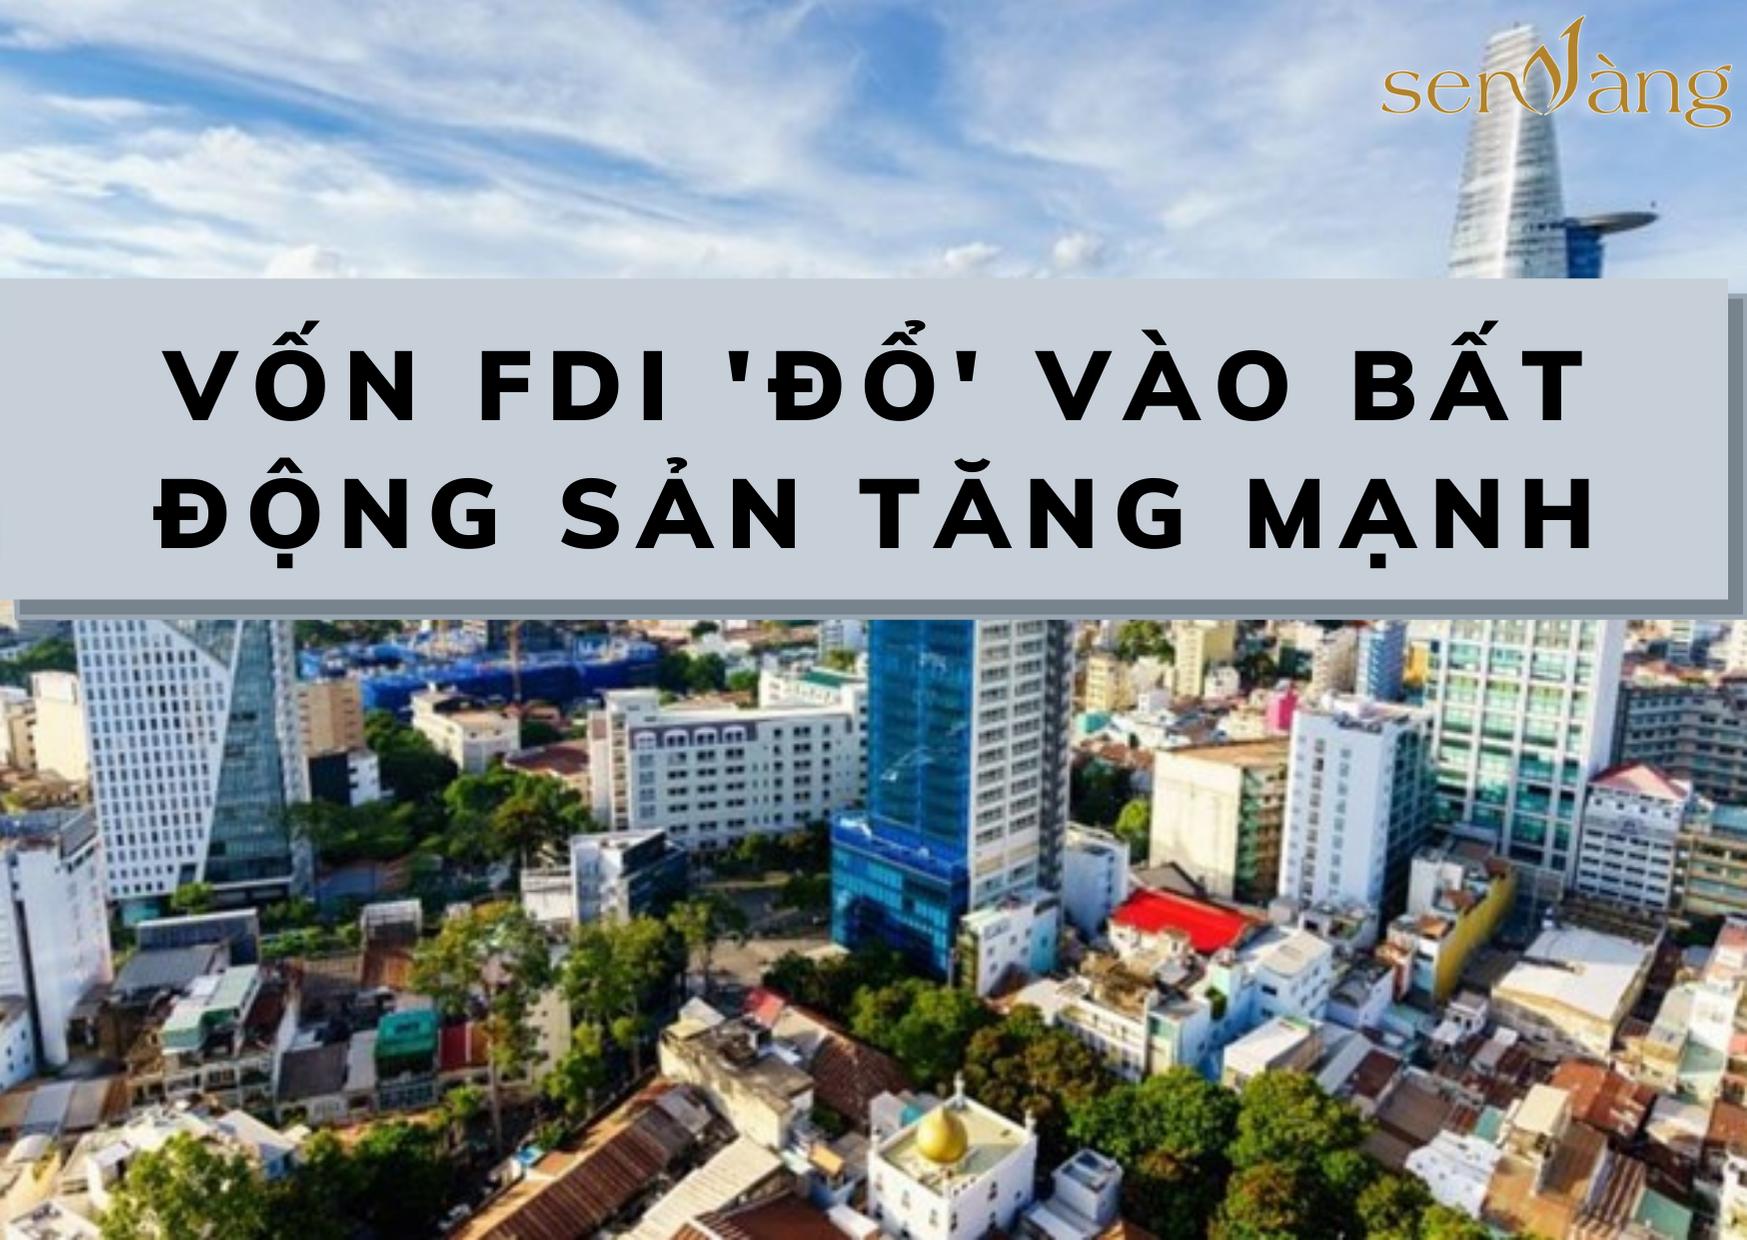 Vốn FDI 'đổ' vào bất động sản tăng mạnh